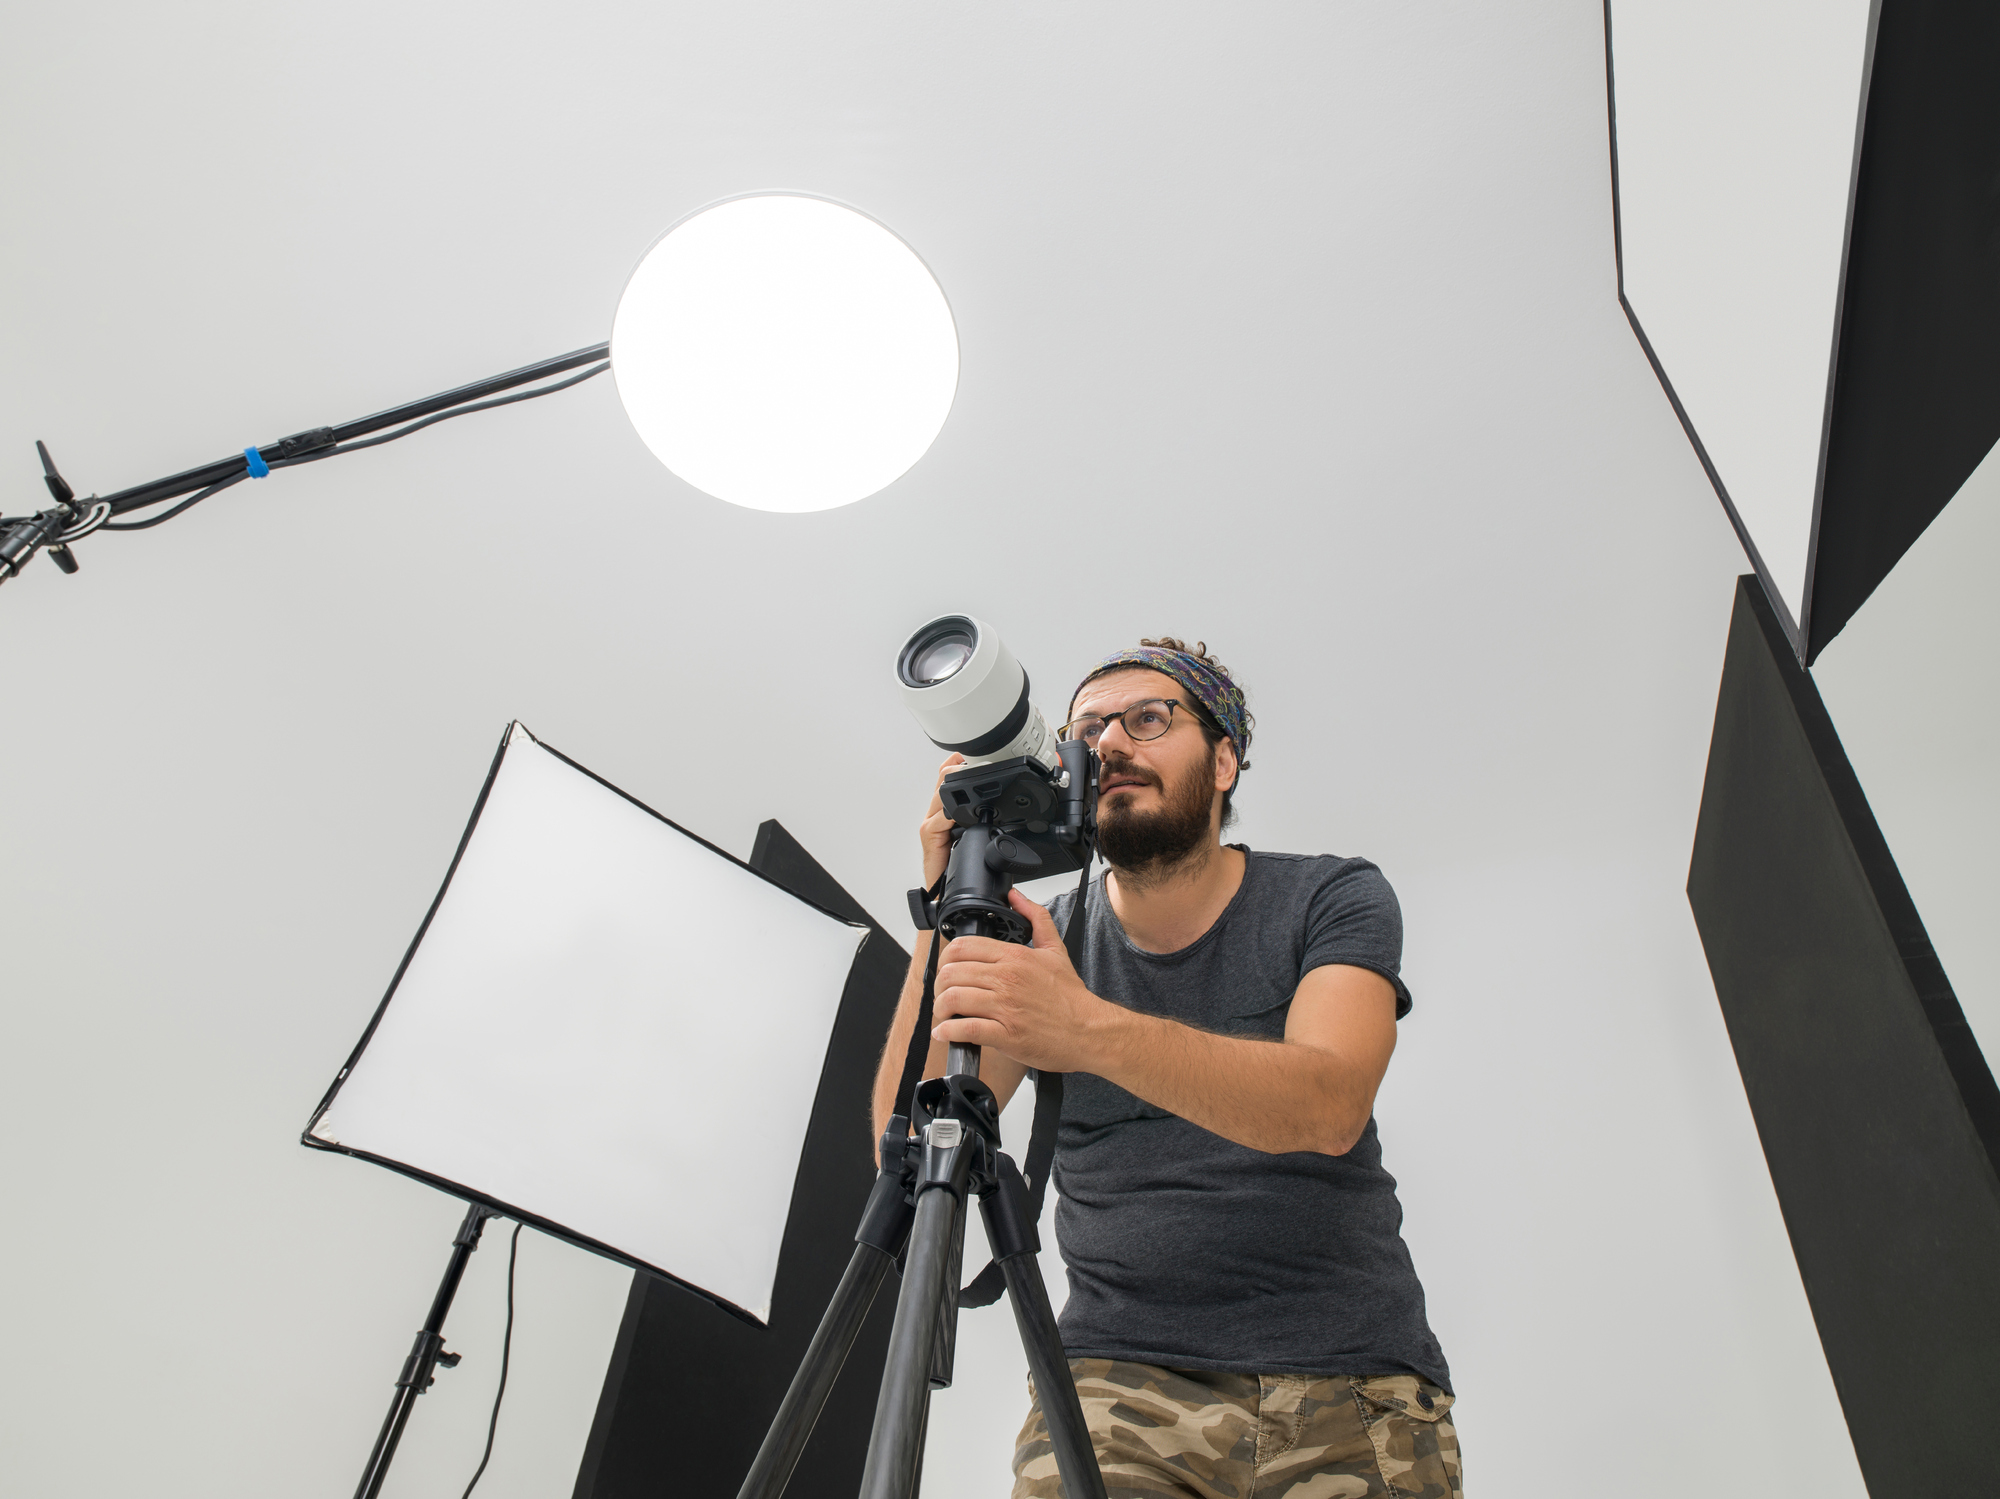 Grundutrustning för fotografering i studio